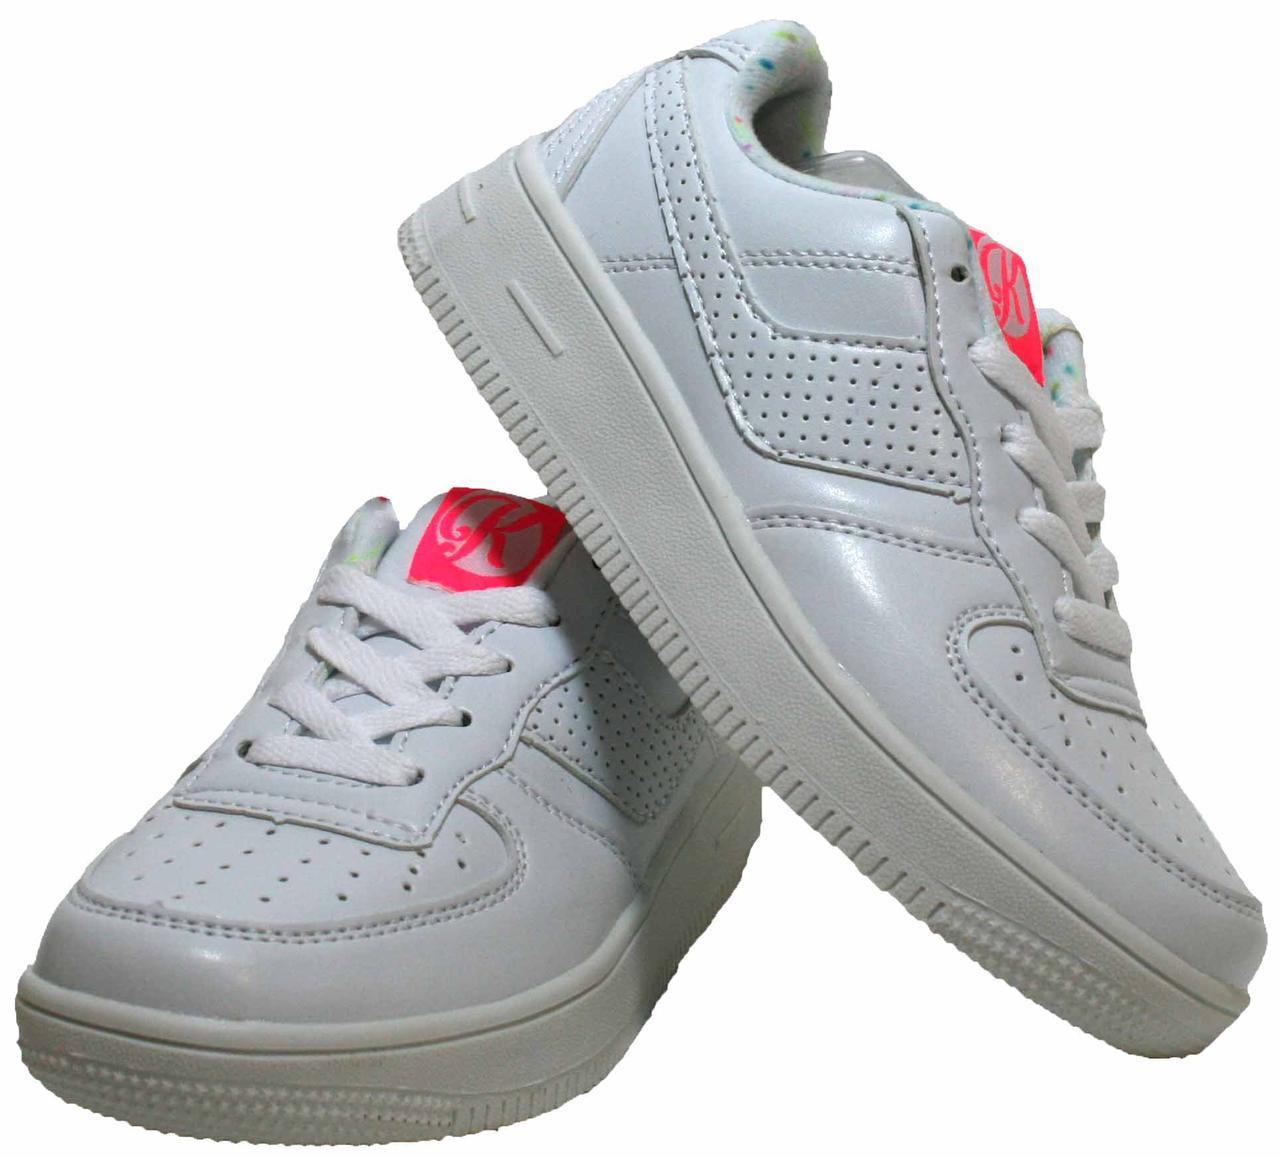 Дитячі кросівки Kylie Crazy Іспанія розміри 30-35